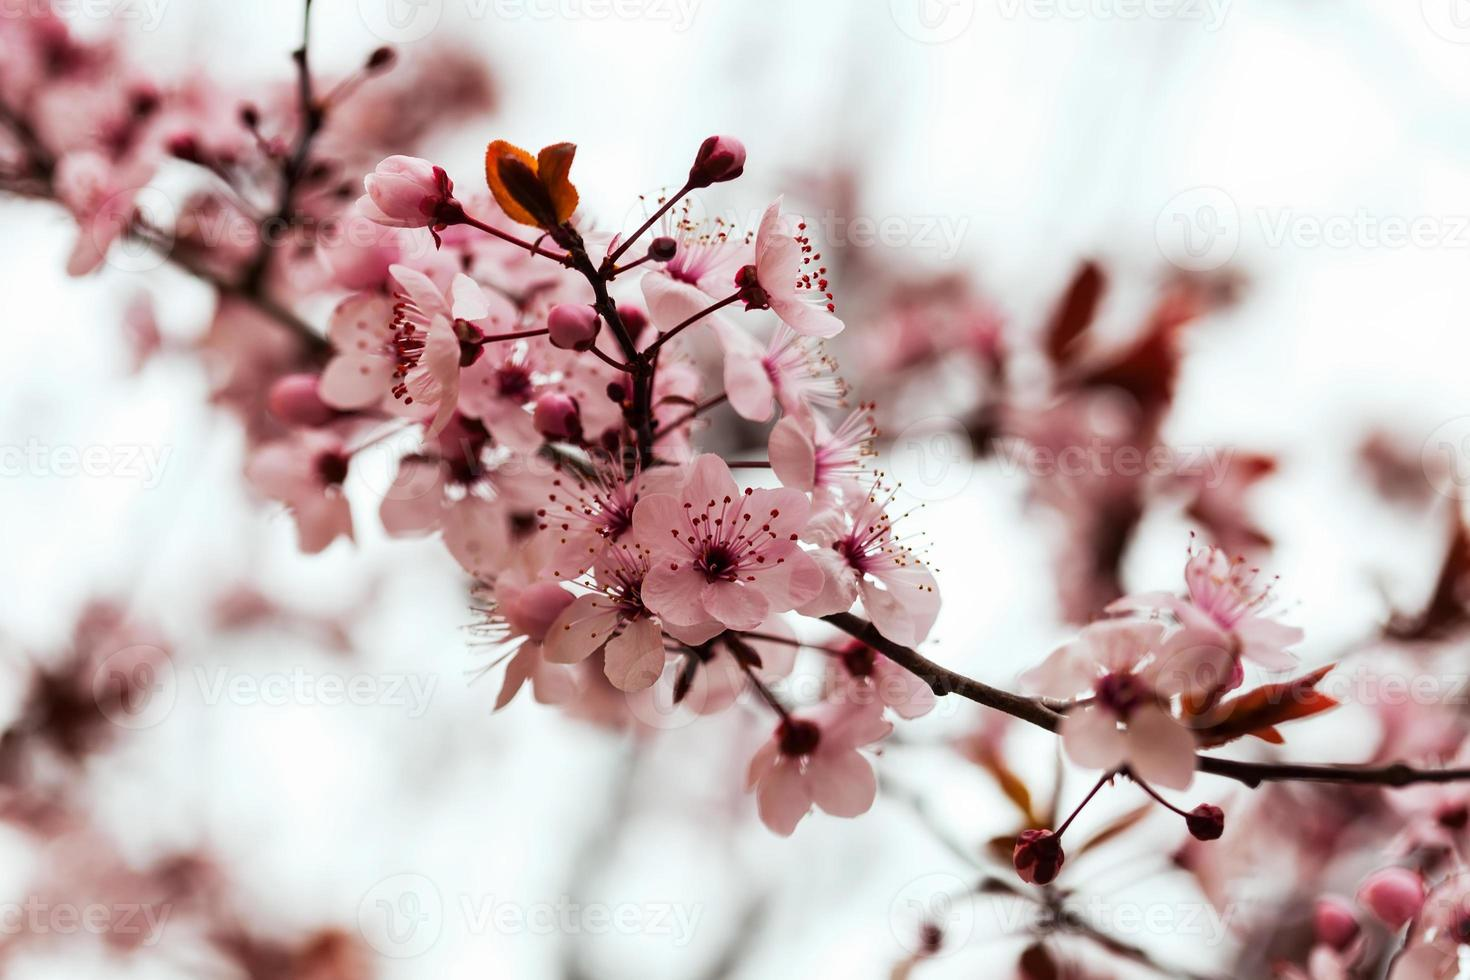 mandel gren med blommor foto